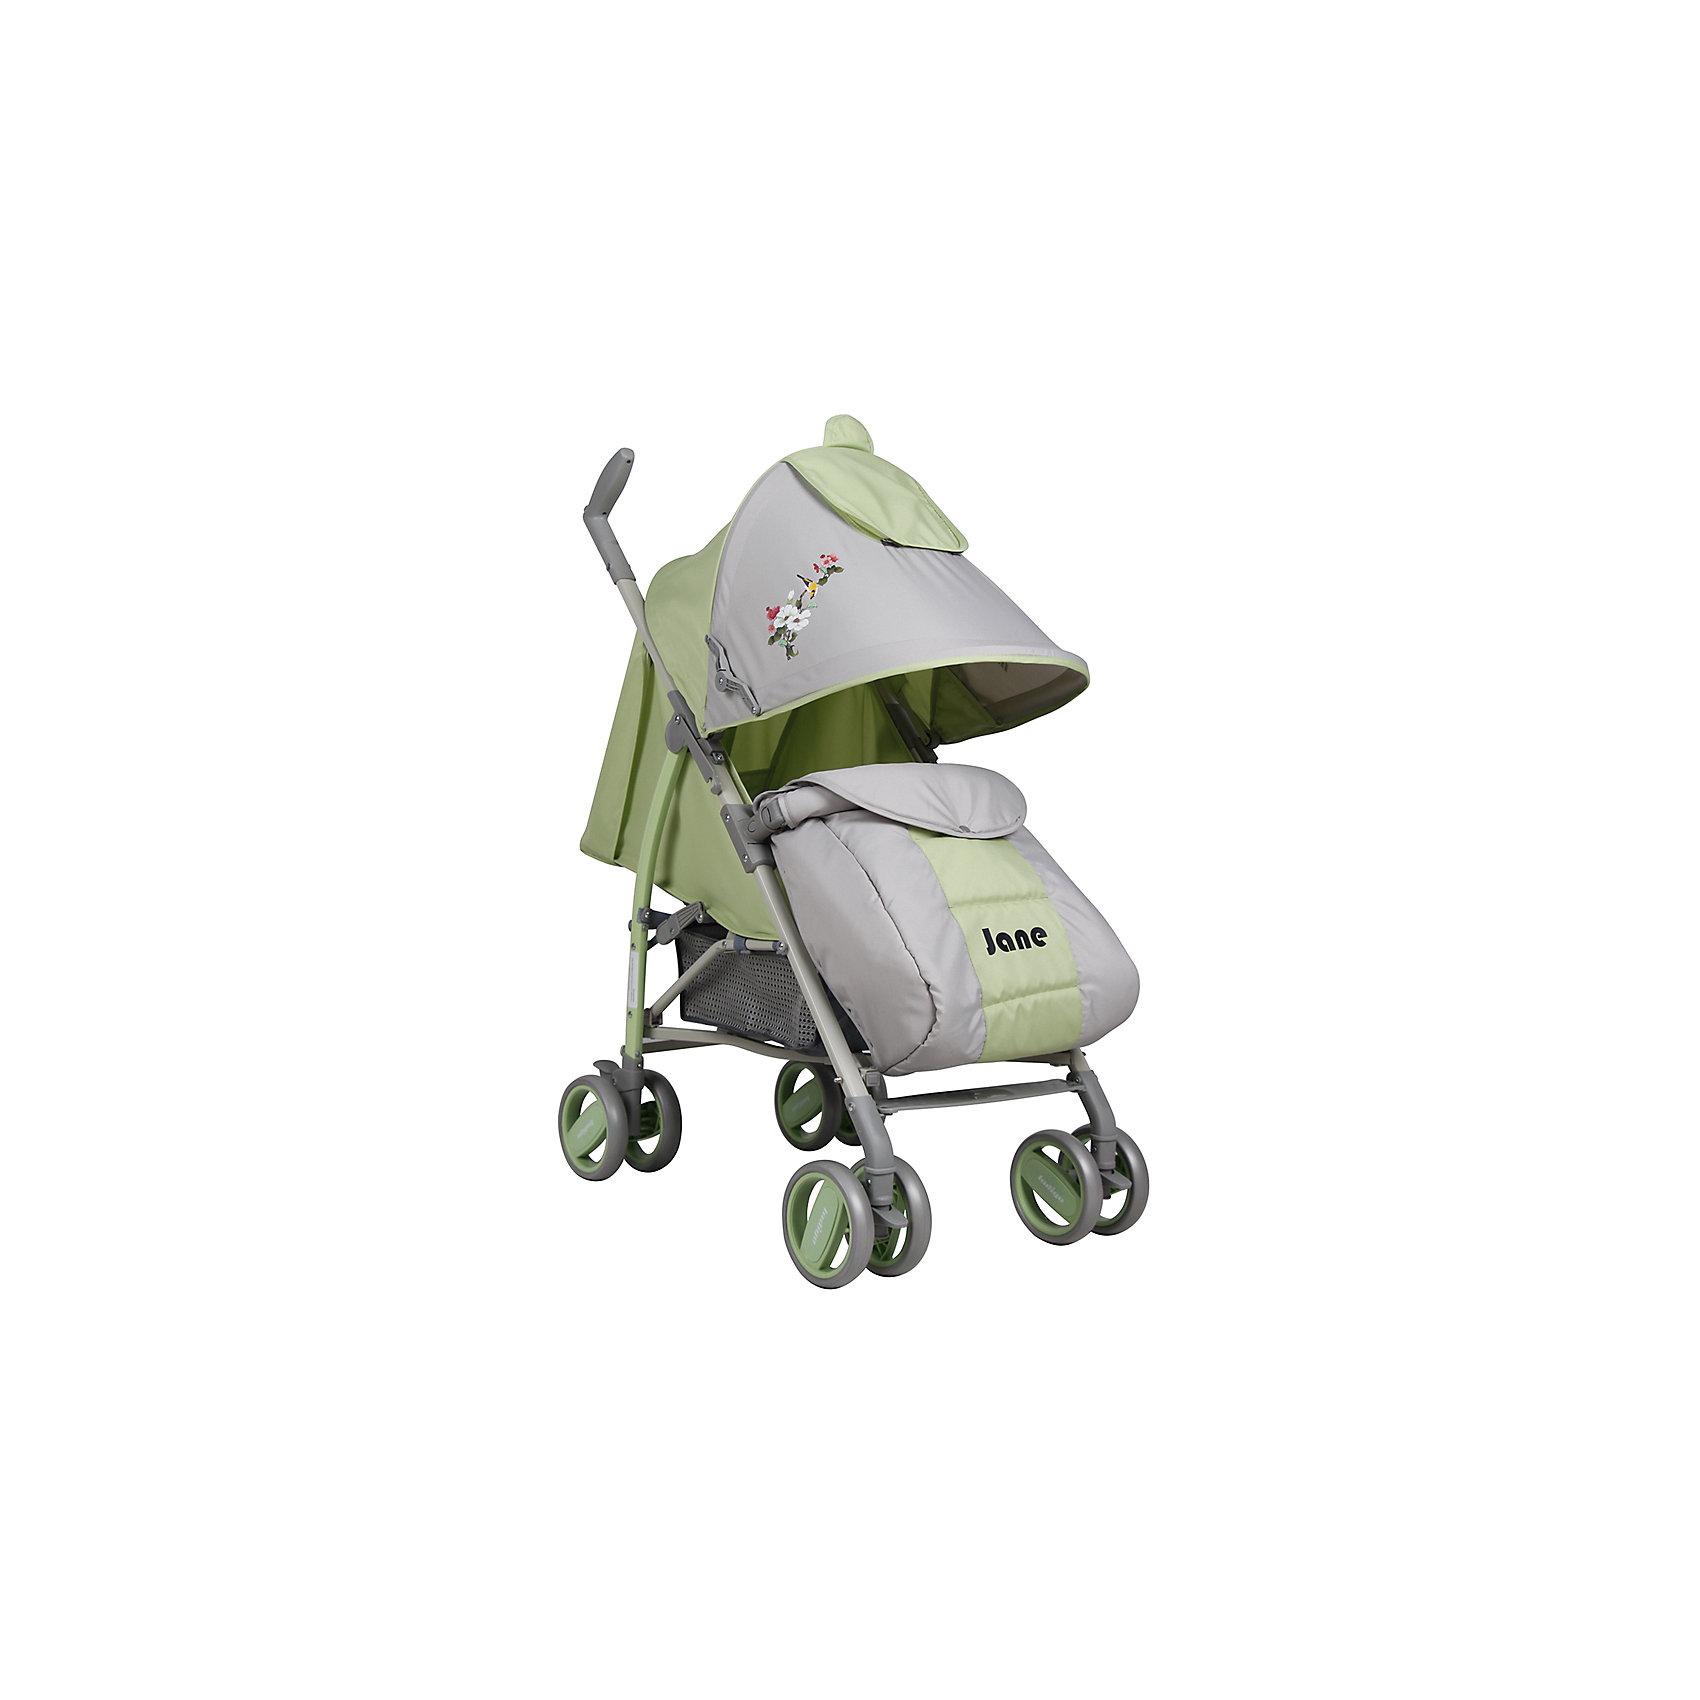 Коляска-трость Indigo JANE, зеленыйНедорогие коляски<br>Характеристики коляски-трости Indigo JANE<br><br>Прогулочный блок:<br><br>• регулируемая спинка: угол наклона 160 градусов;<br>• регулируемая подножка, 2 положения;<br>• 2-х точечные ремни безопасности;<br>• смотровое окошко под клапаном; <br>• капюшон оснащен солнцезащитным козырьком, <br>• имеется дополнительная секция на липучке, капюшон раскладывается достаточно низко;<br>• кармашек под клапаном;<br>• съемный бампер с мягкой накладкой;<br>• имеется разделитель для ножек;<br>• чехол на ножки согревает ребенка в прохладную погоду.<br><br>Рама коляски: <br><br>• сдвоенные колеса: плавающие передние с блокировкой, задние оснащены тормозом;<br>• механизм складывания: трость;<br>• диаметр колес: 15 см;<br>• материал колес - пластик.<br><br>Размер коляски в сложенном виде: 102х13,5х18 см<br>Вес коляски: 7,7 кг<br>Вес в упаковке: 8 кг<br><br>Коляску-трость JANE, Indigo, зеленый цвет можно купить в нашем интернет-магазине.<br><br>Ширина мм: 1020<br>Глубина мм: 135<br>Высота мм: 180<br>Вес г: 7700<br>Возраст от месяцев: 12<br>Возраст до месяцев: 36<br>Пол: Унисекс<br>Возраст: Детский<br>SKU: 5511829